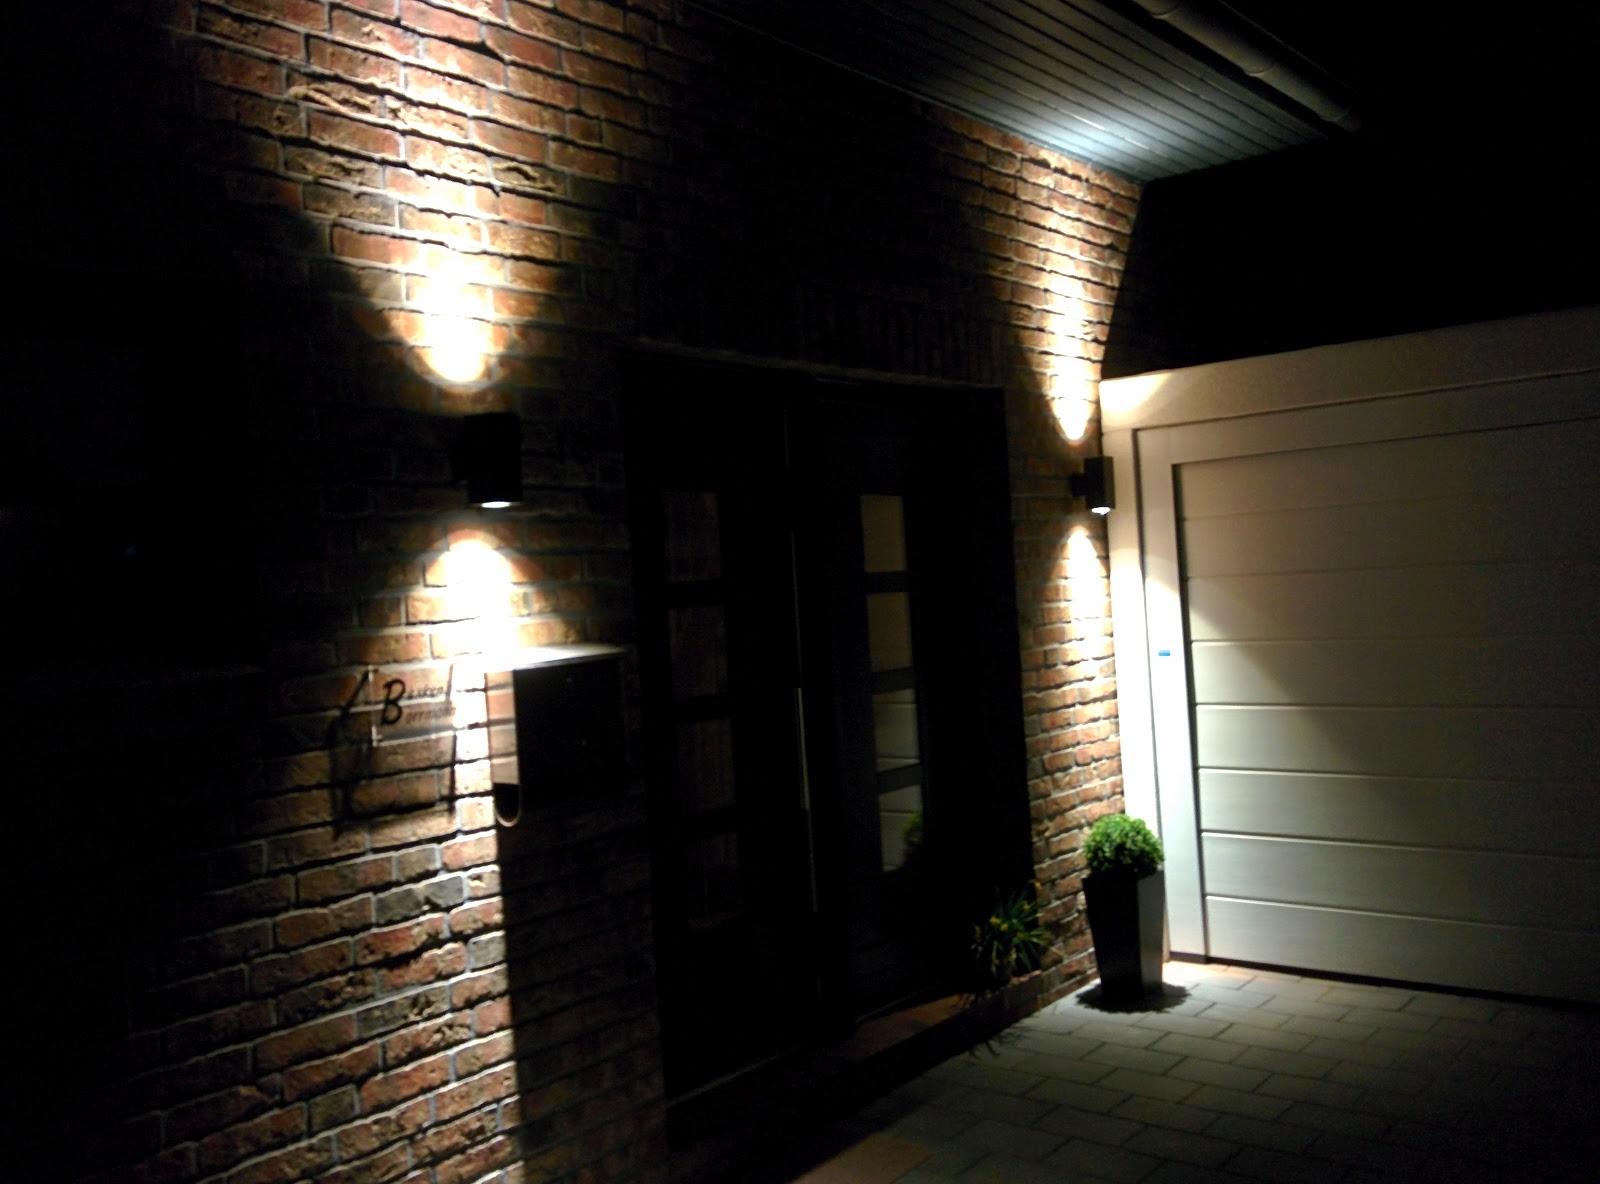 Haustur beleuchtung for Verschlossene haustur offnen